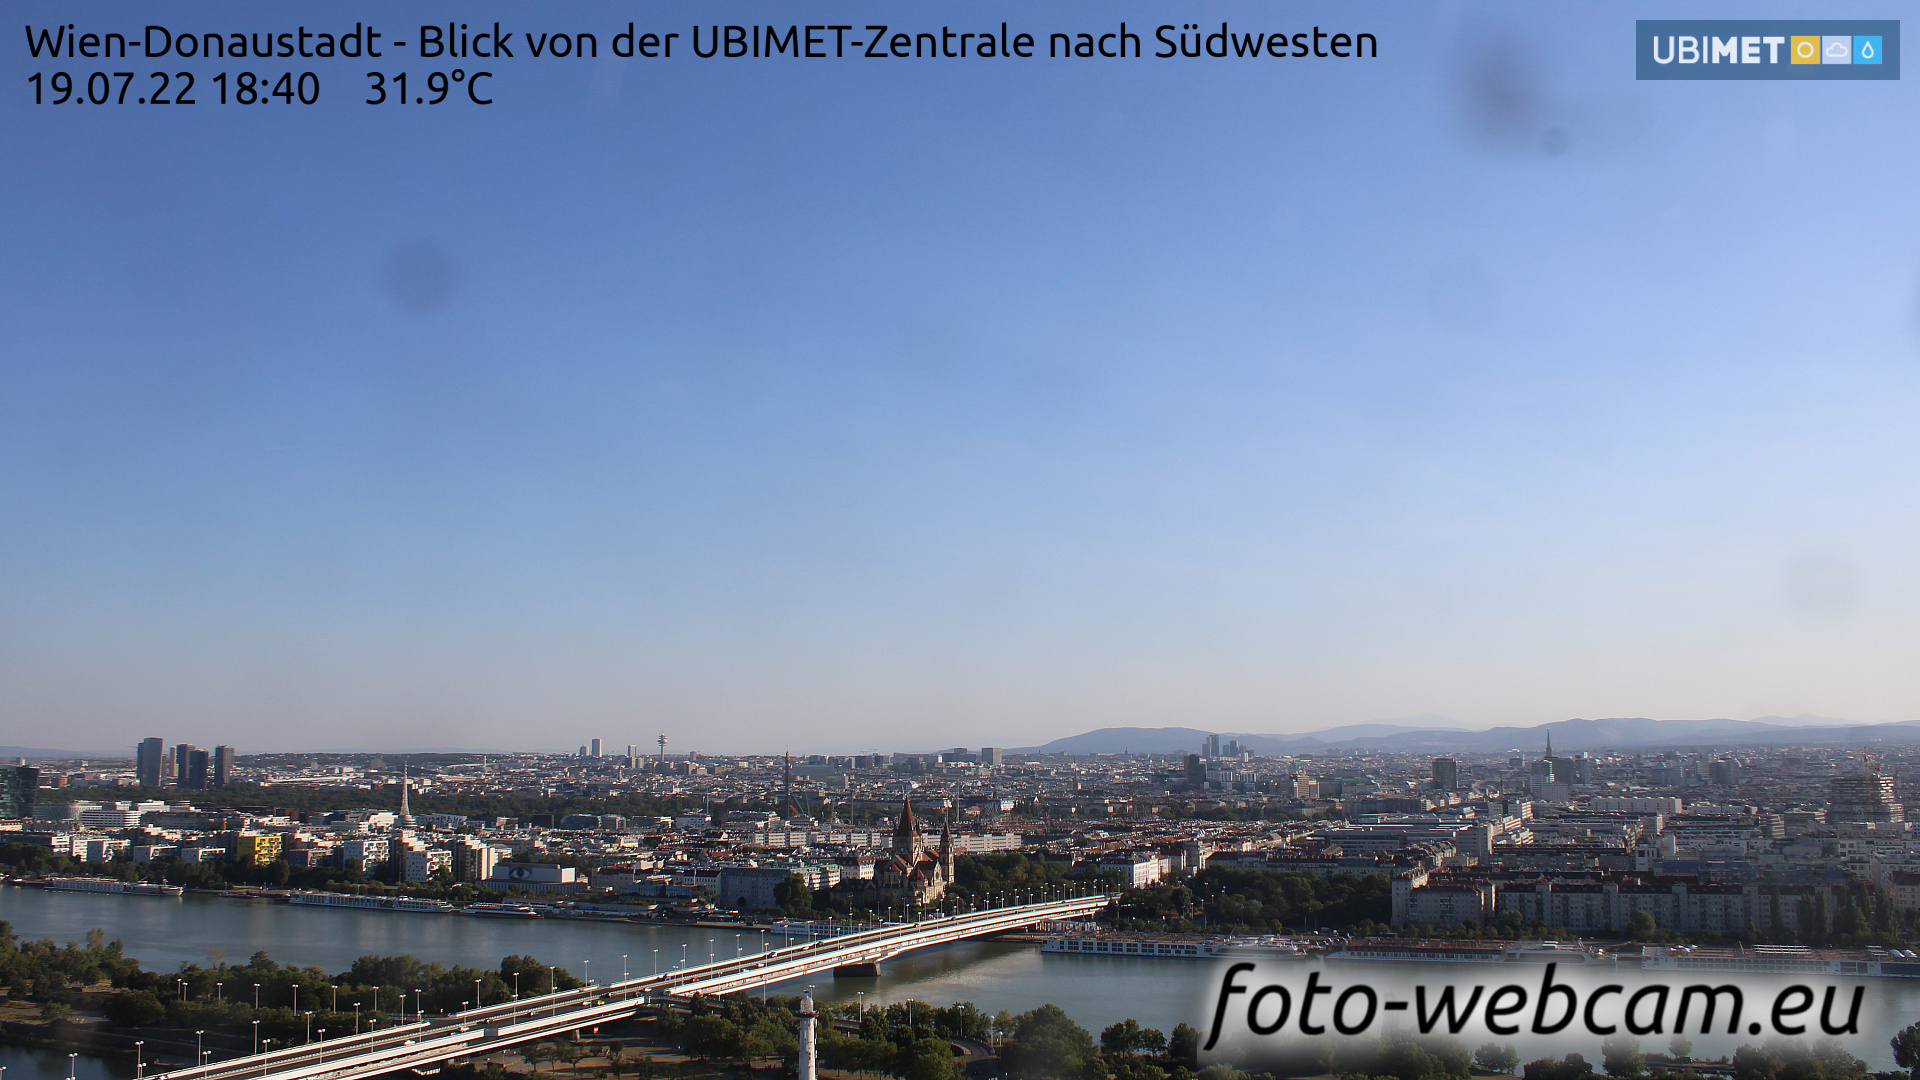 Vienna Sun. 18:46